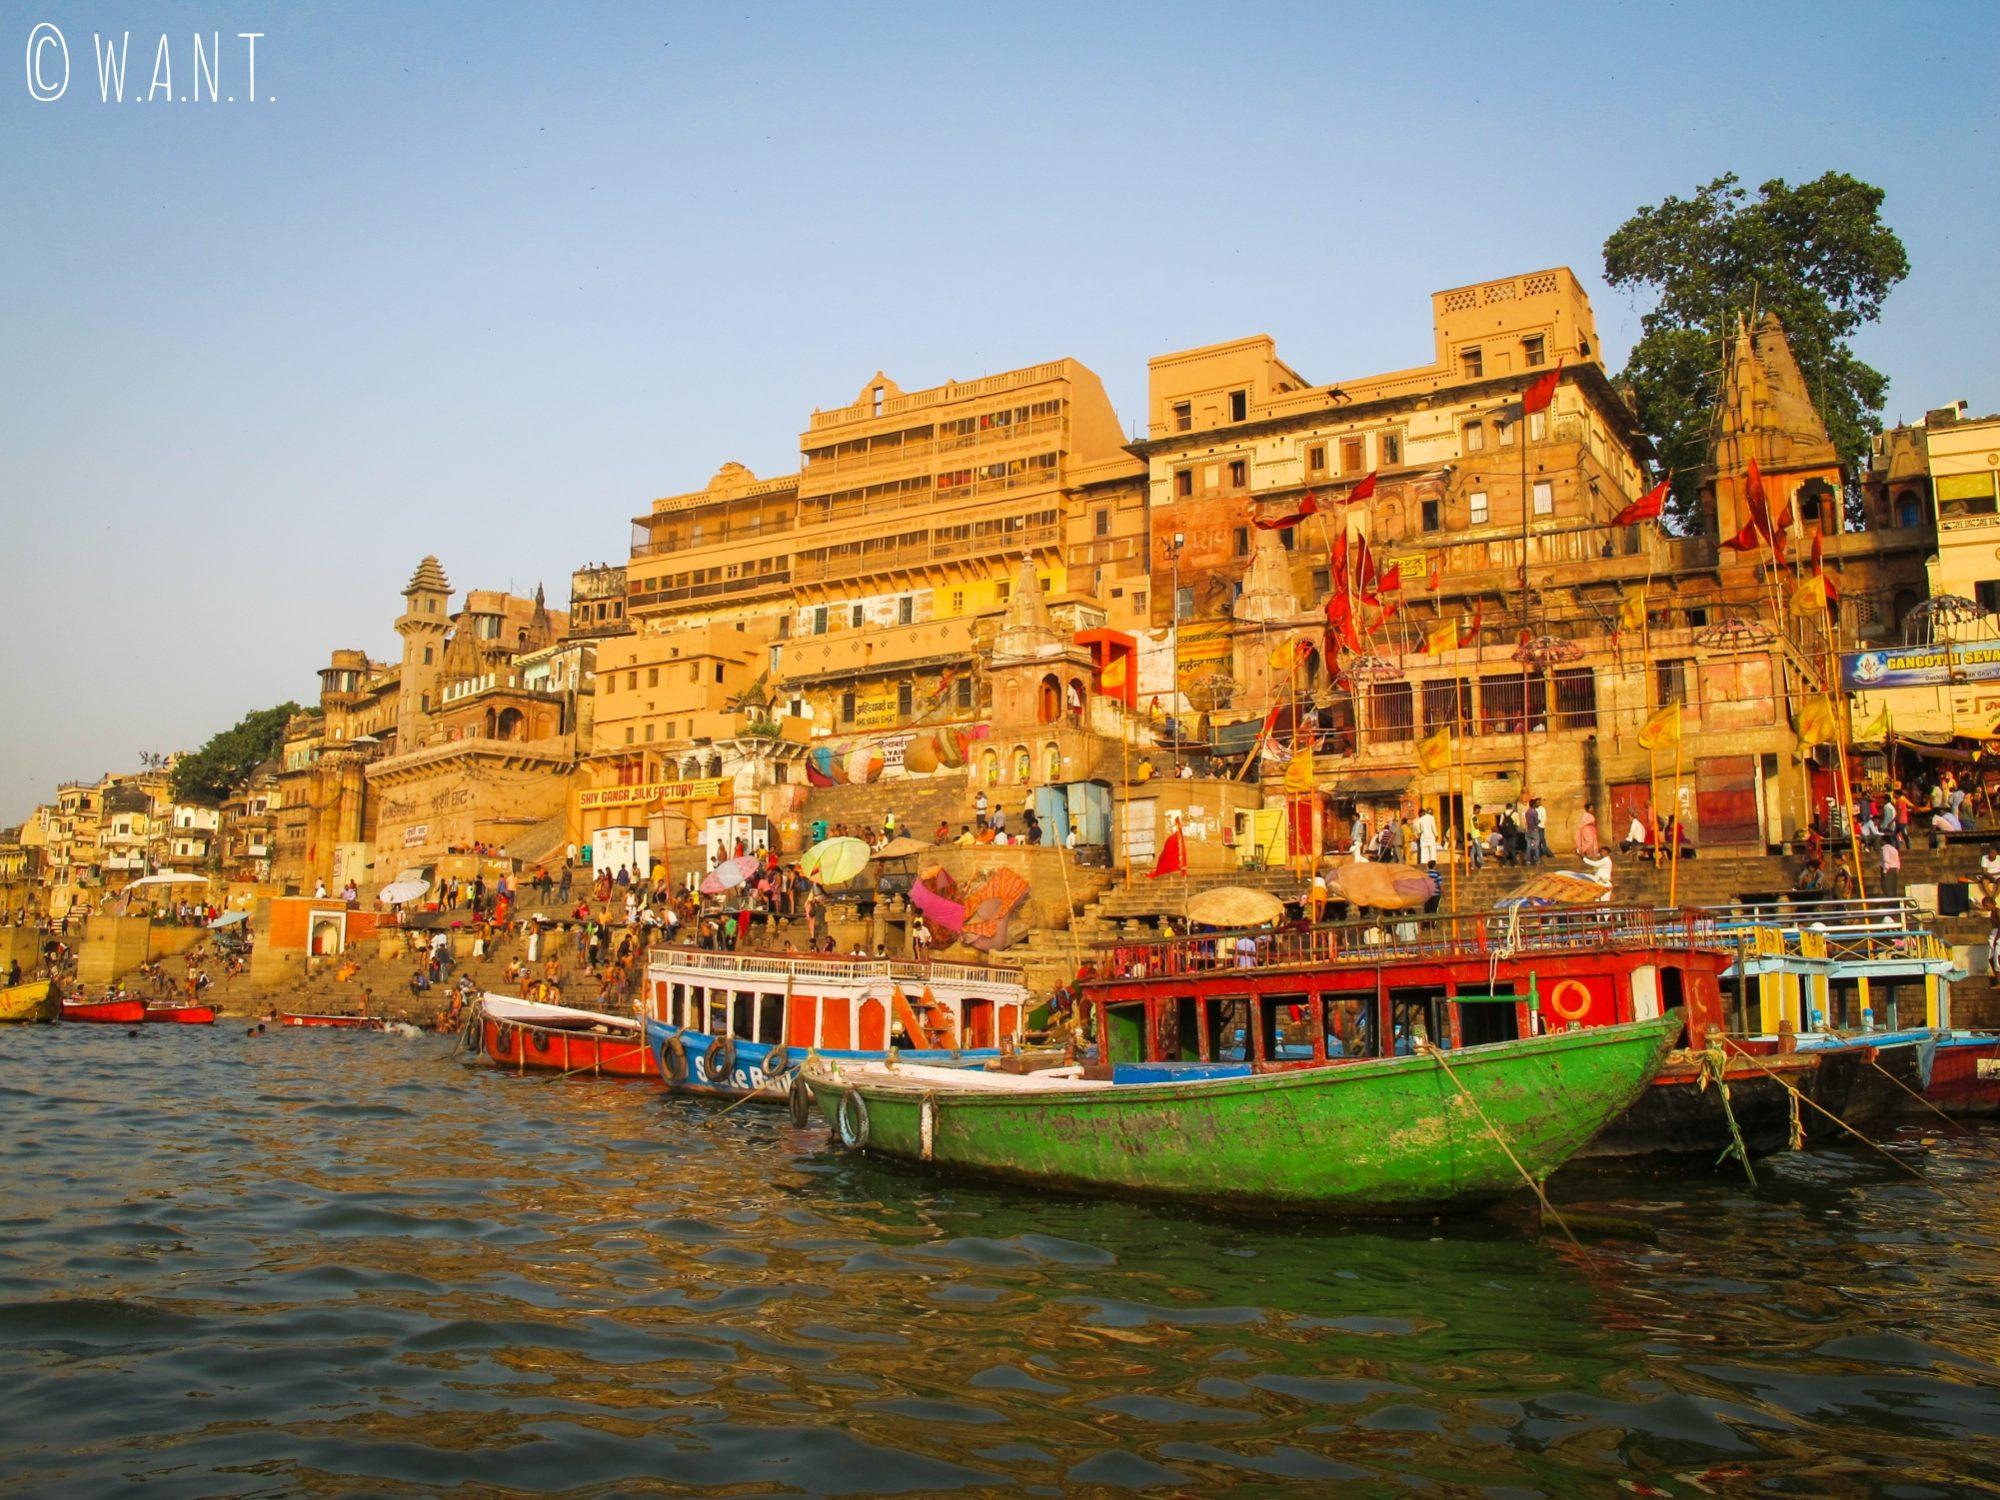 Vue matinale sur les ghats de Varanasi depuis le Gange